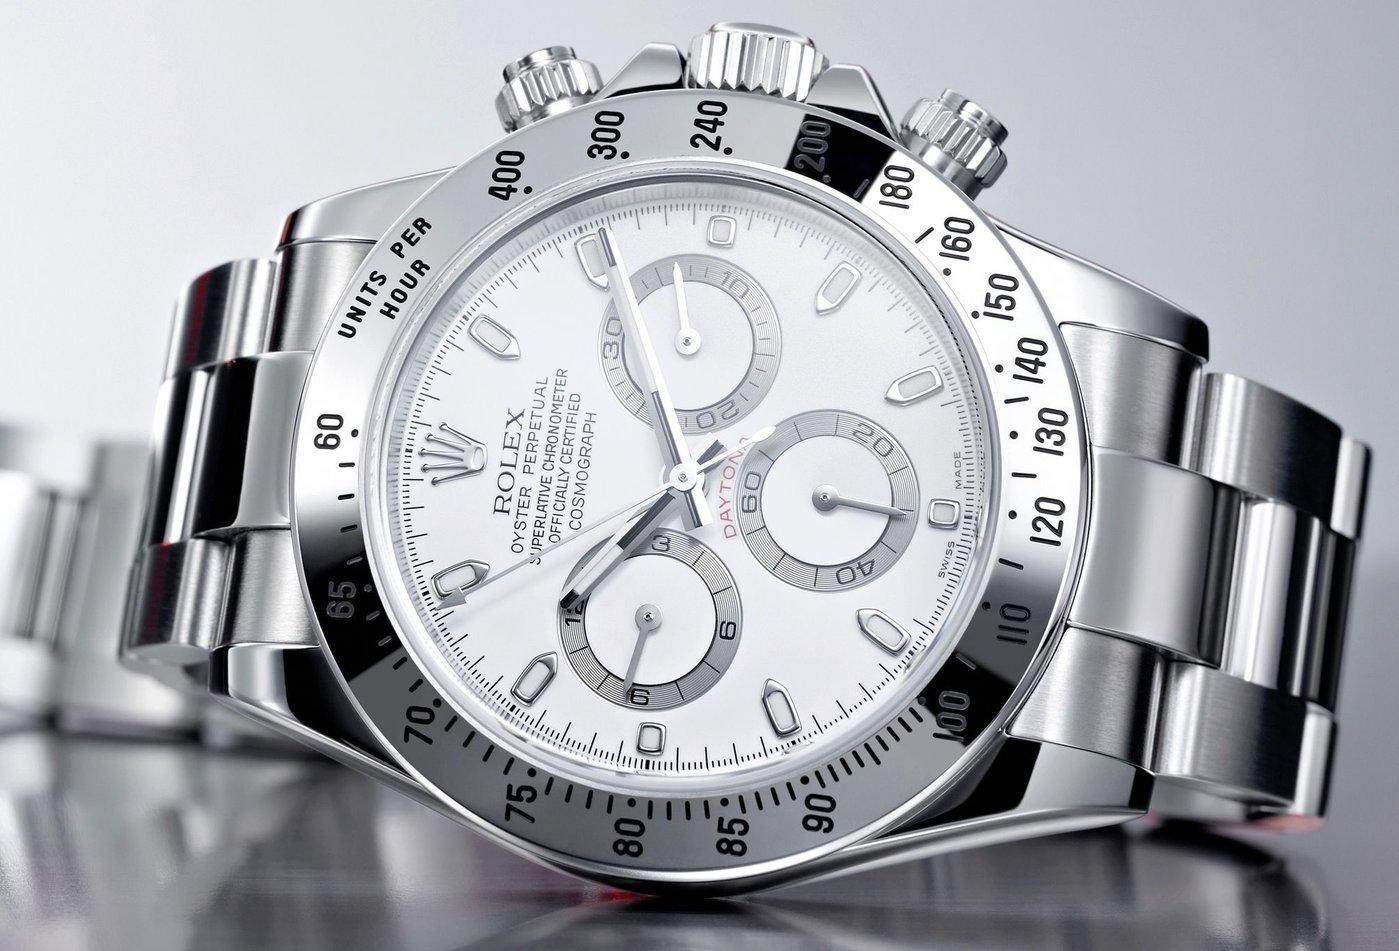 Rolex-Daytona-Steel-116520-white-dial.jpg